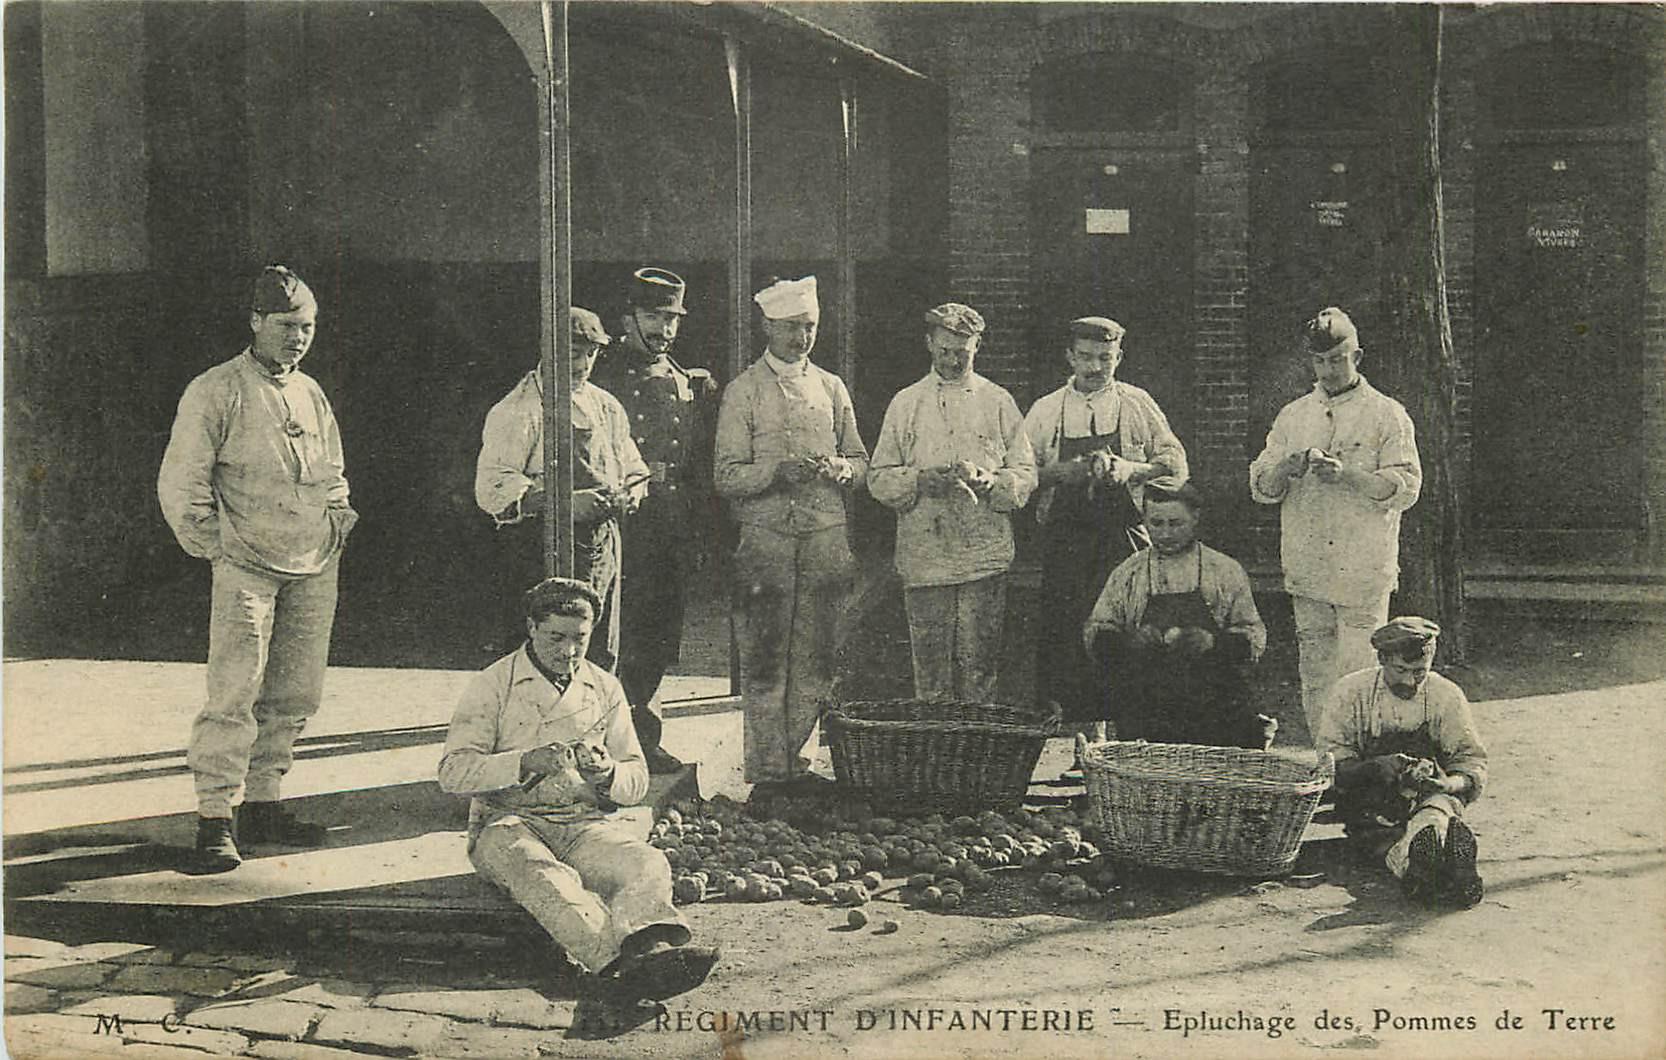 WW MILITAIRES. Régiment d'Infanterie avec l'épluchage des Pommes de Terre 1911